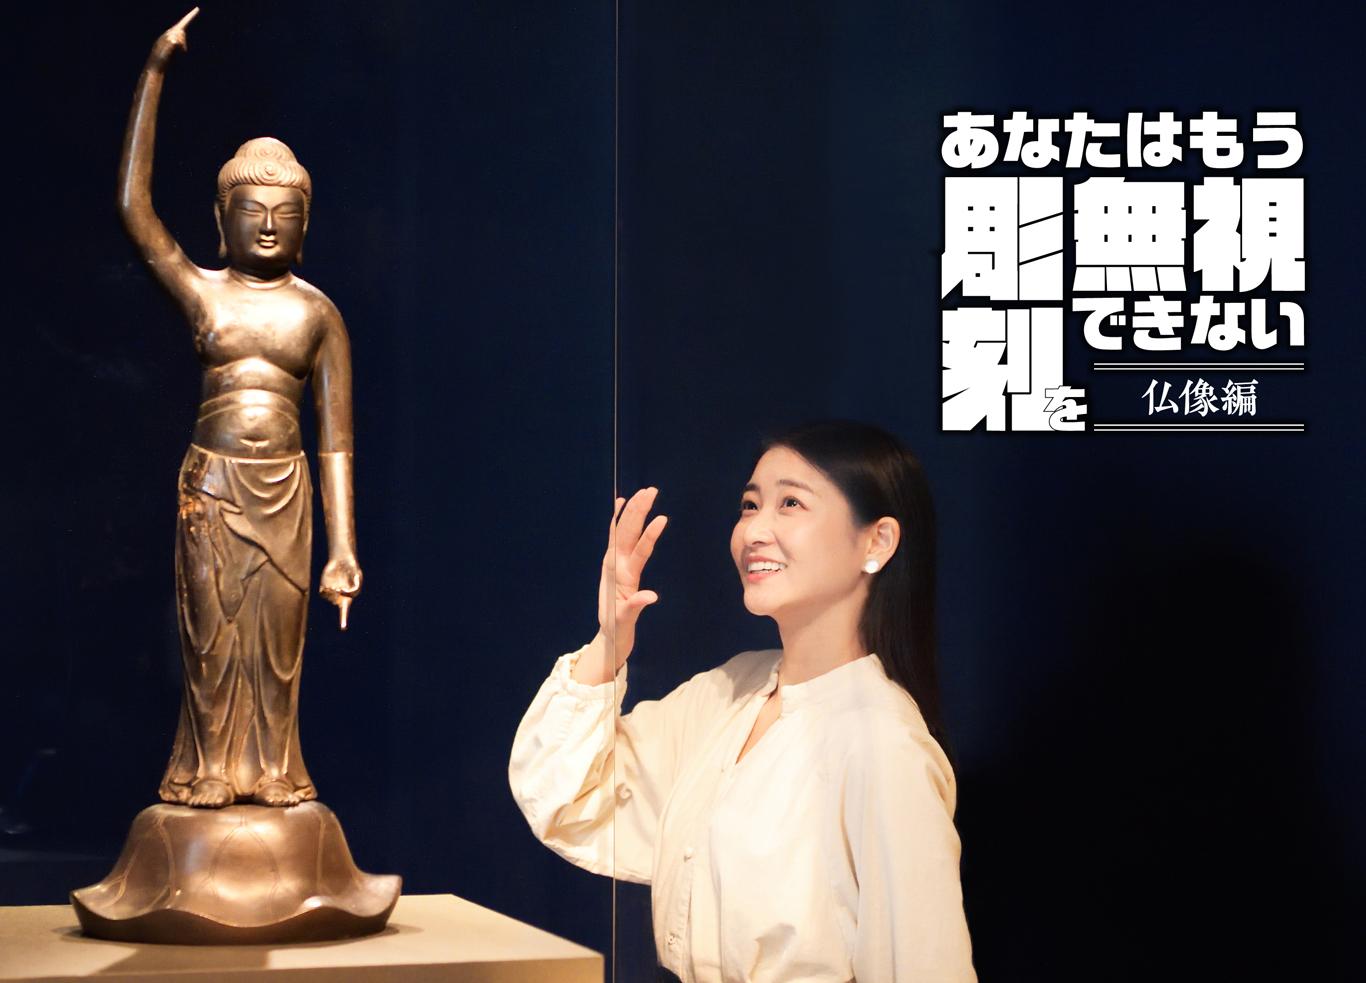 アンジュルム和田彩花の仏像超入門 これさえ分かれば仏様も″友だち″だ!